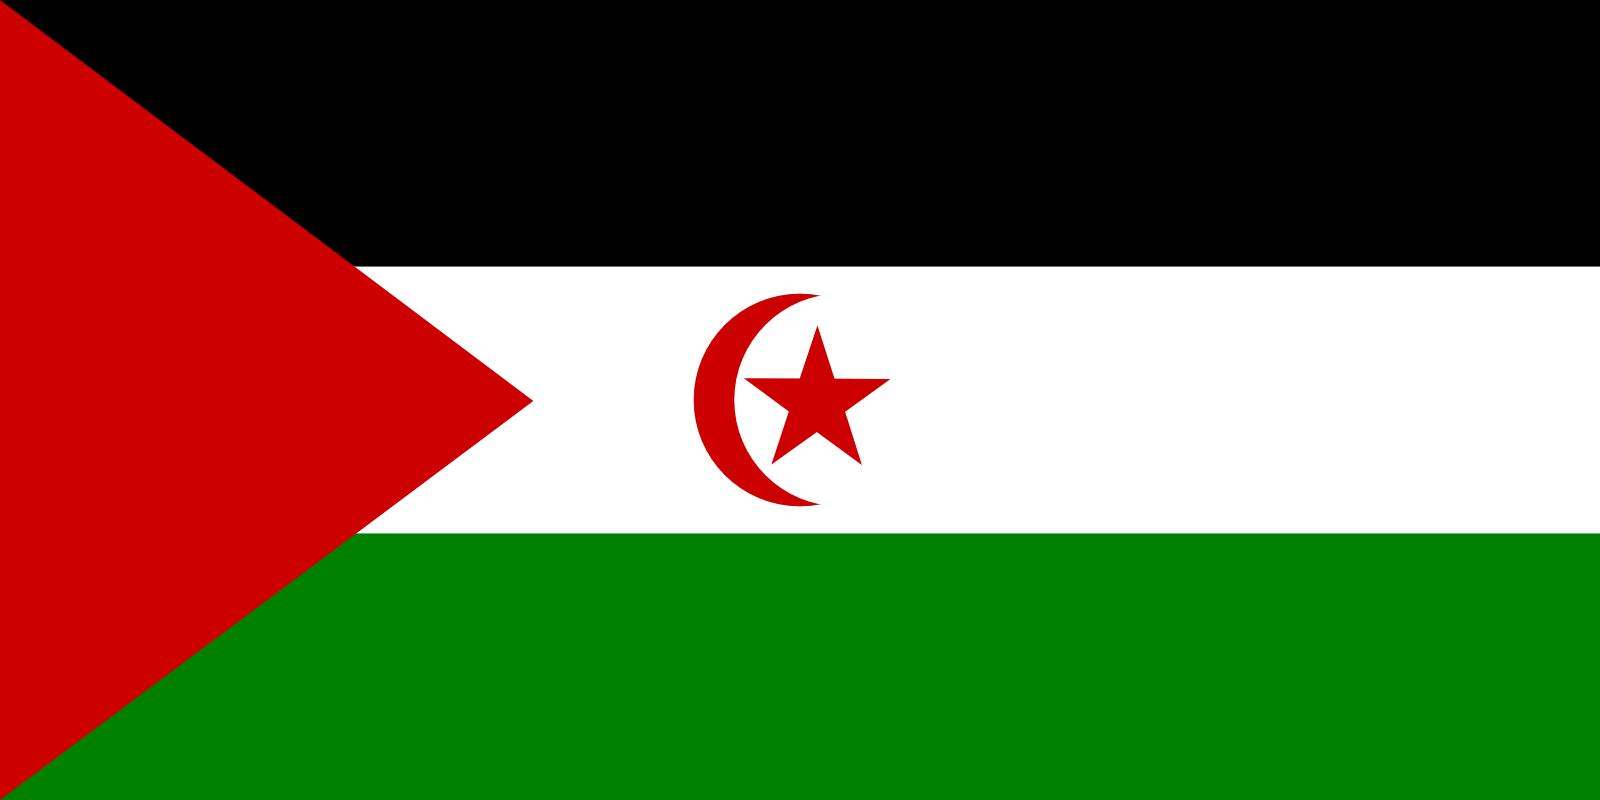 imagenes de banderas hd185 200 Imágenes de Banderas en HD (Wallpapers)